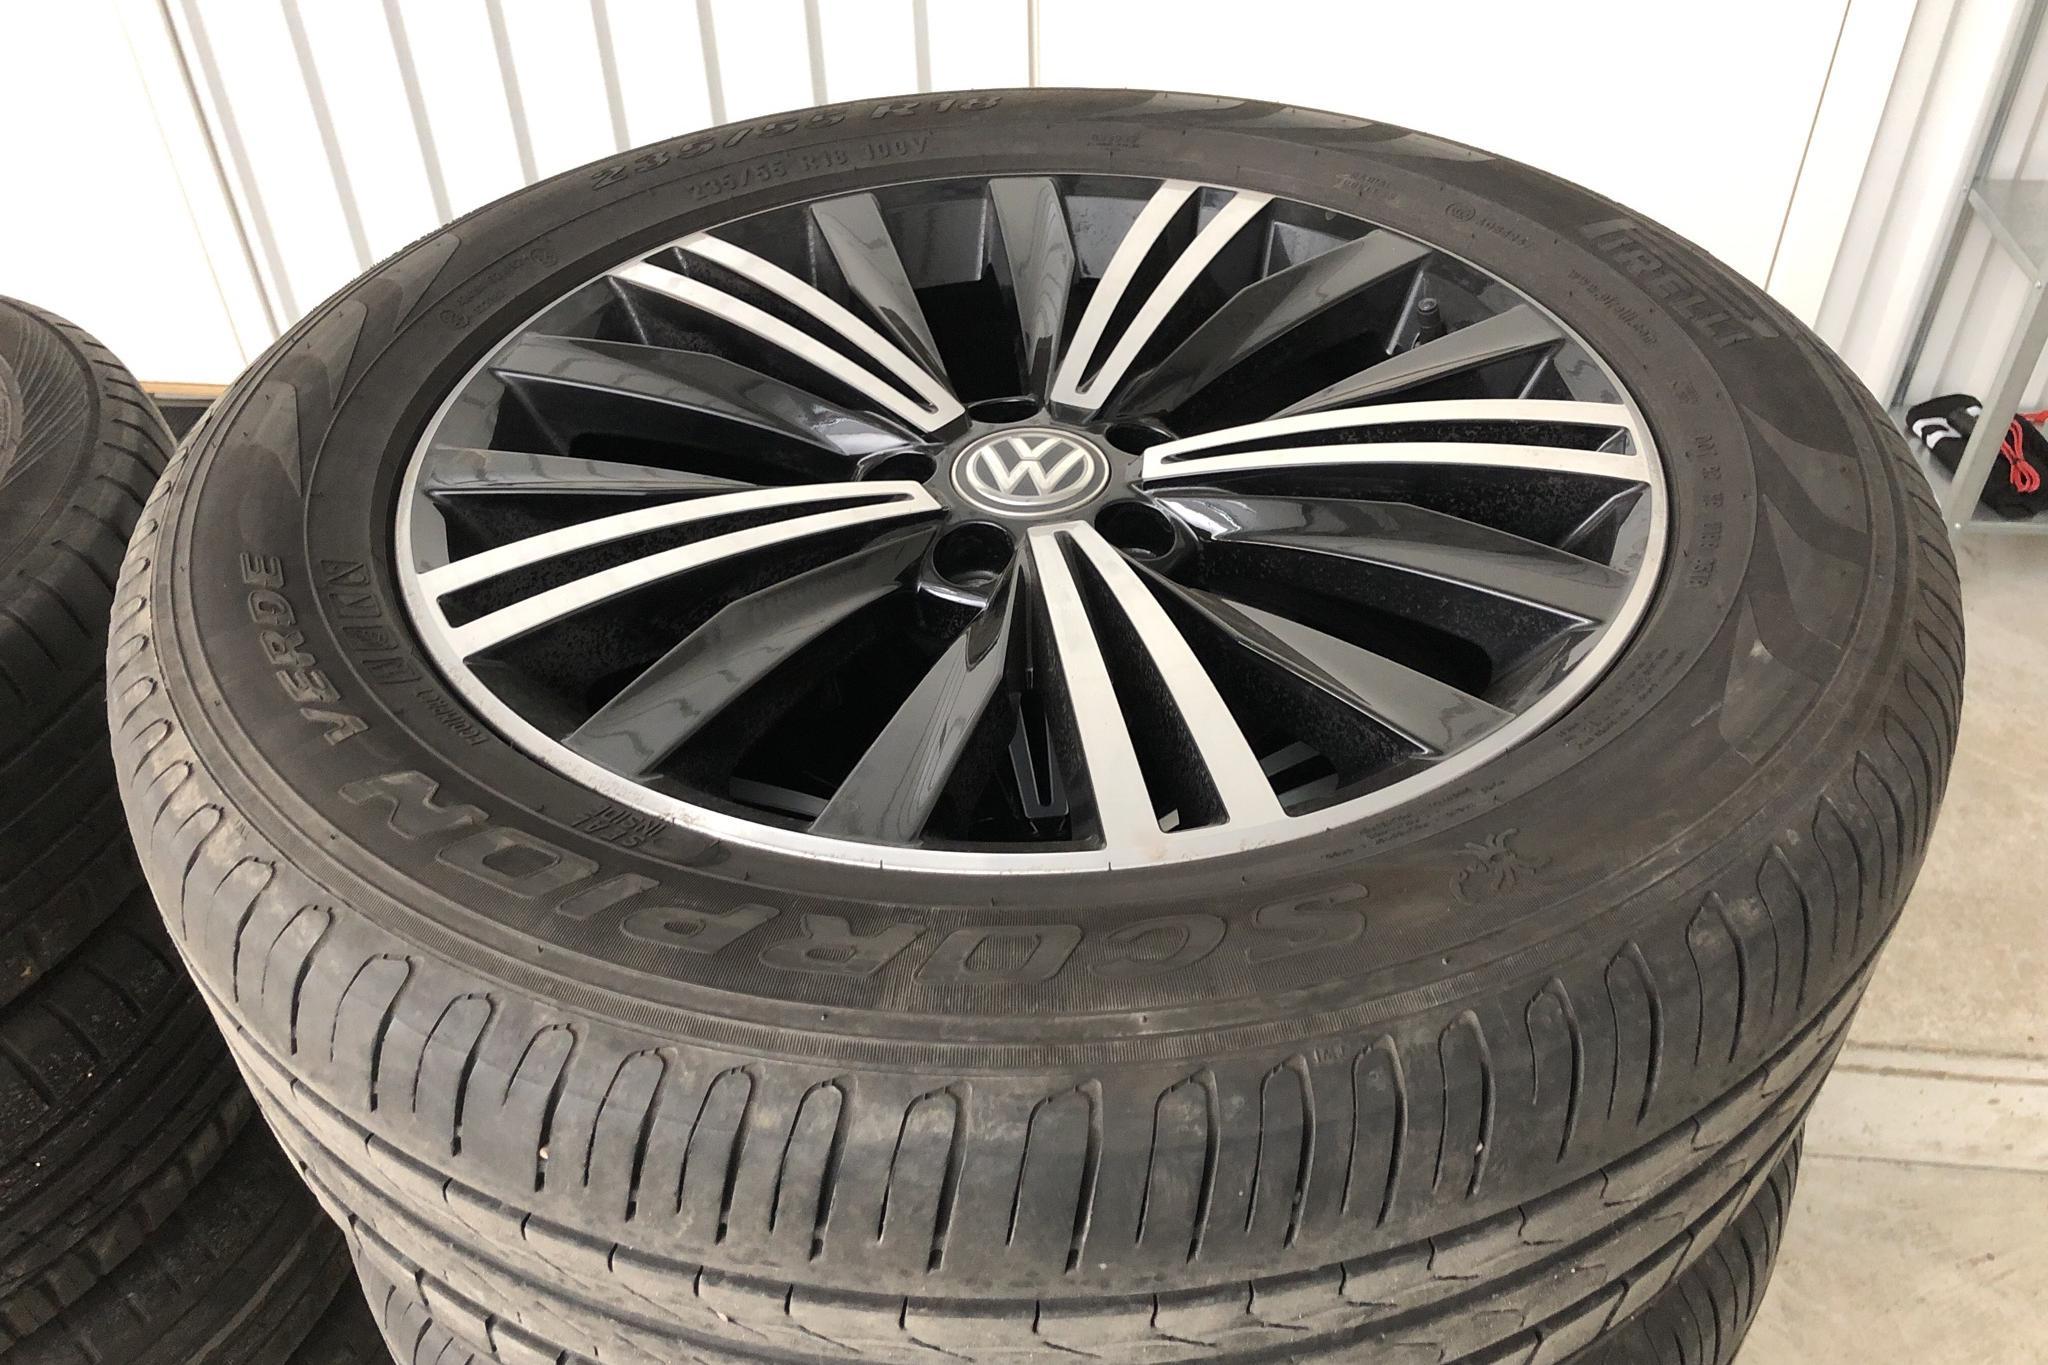 VW Tiguan 2.0 TDI 4MOTION (190hk) - 14 781 mil - Automat - silver - 2018